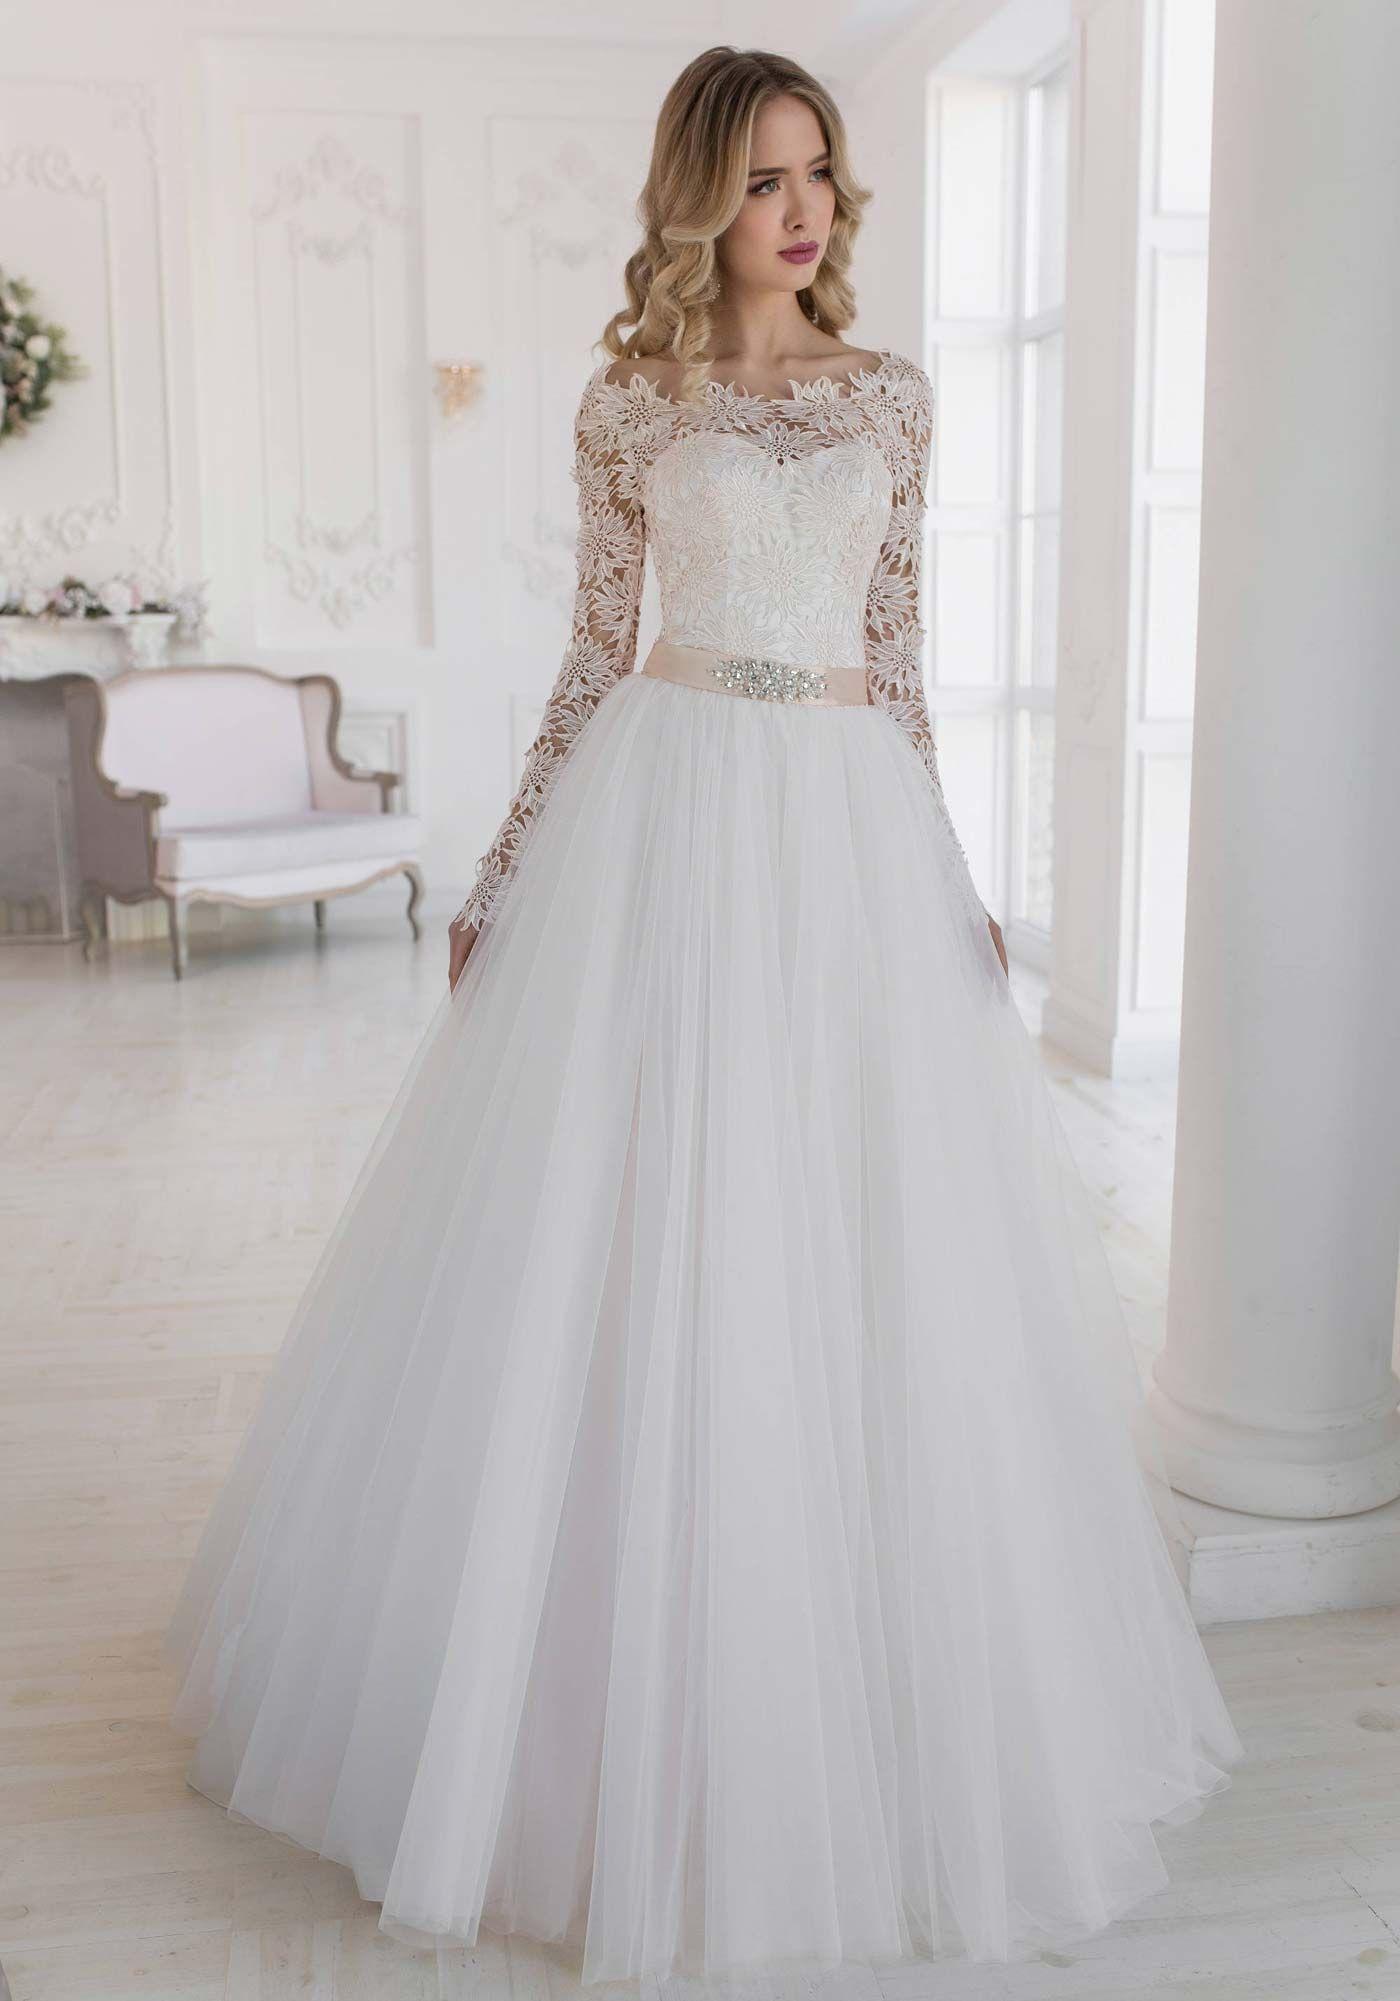 Hochzeitskleid mit Ärmel  Japanische hochzeitskleider, Kleid